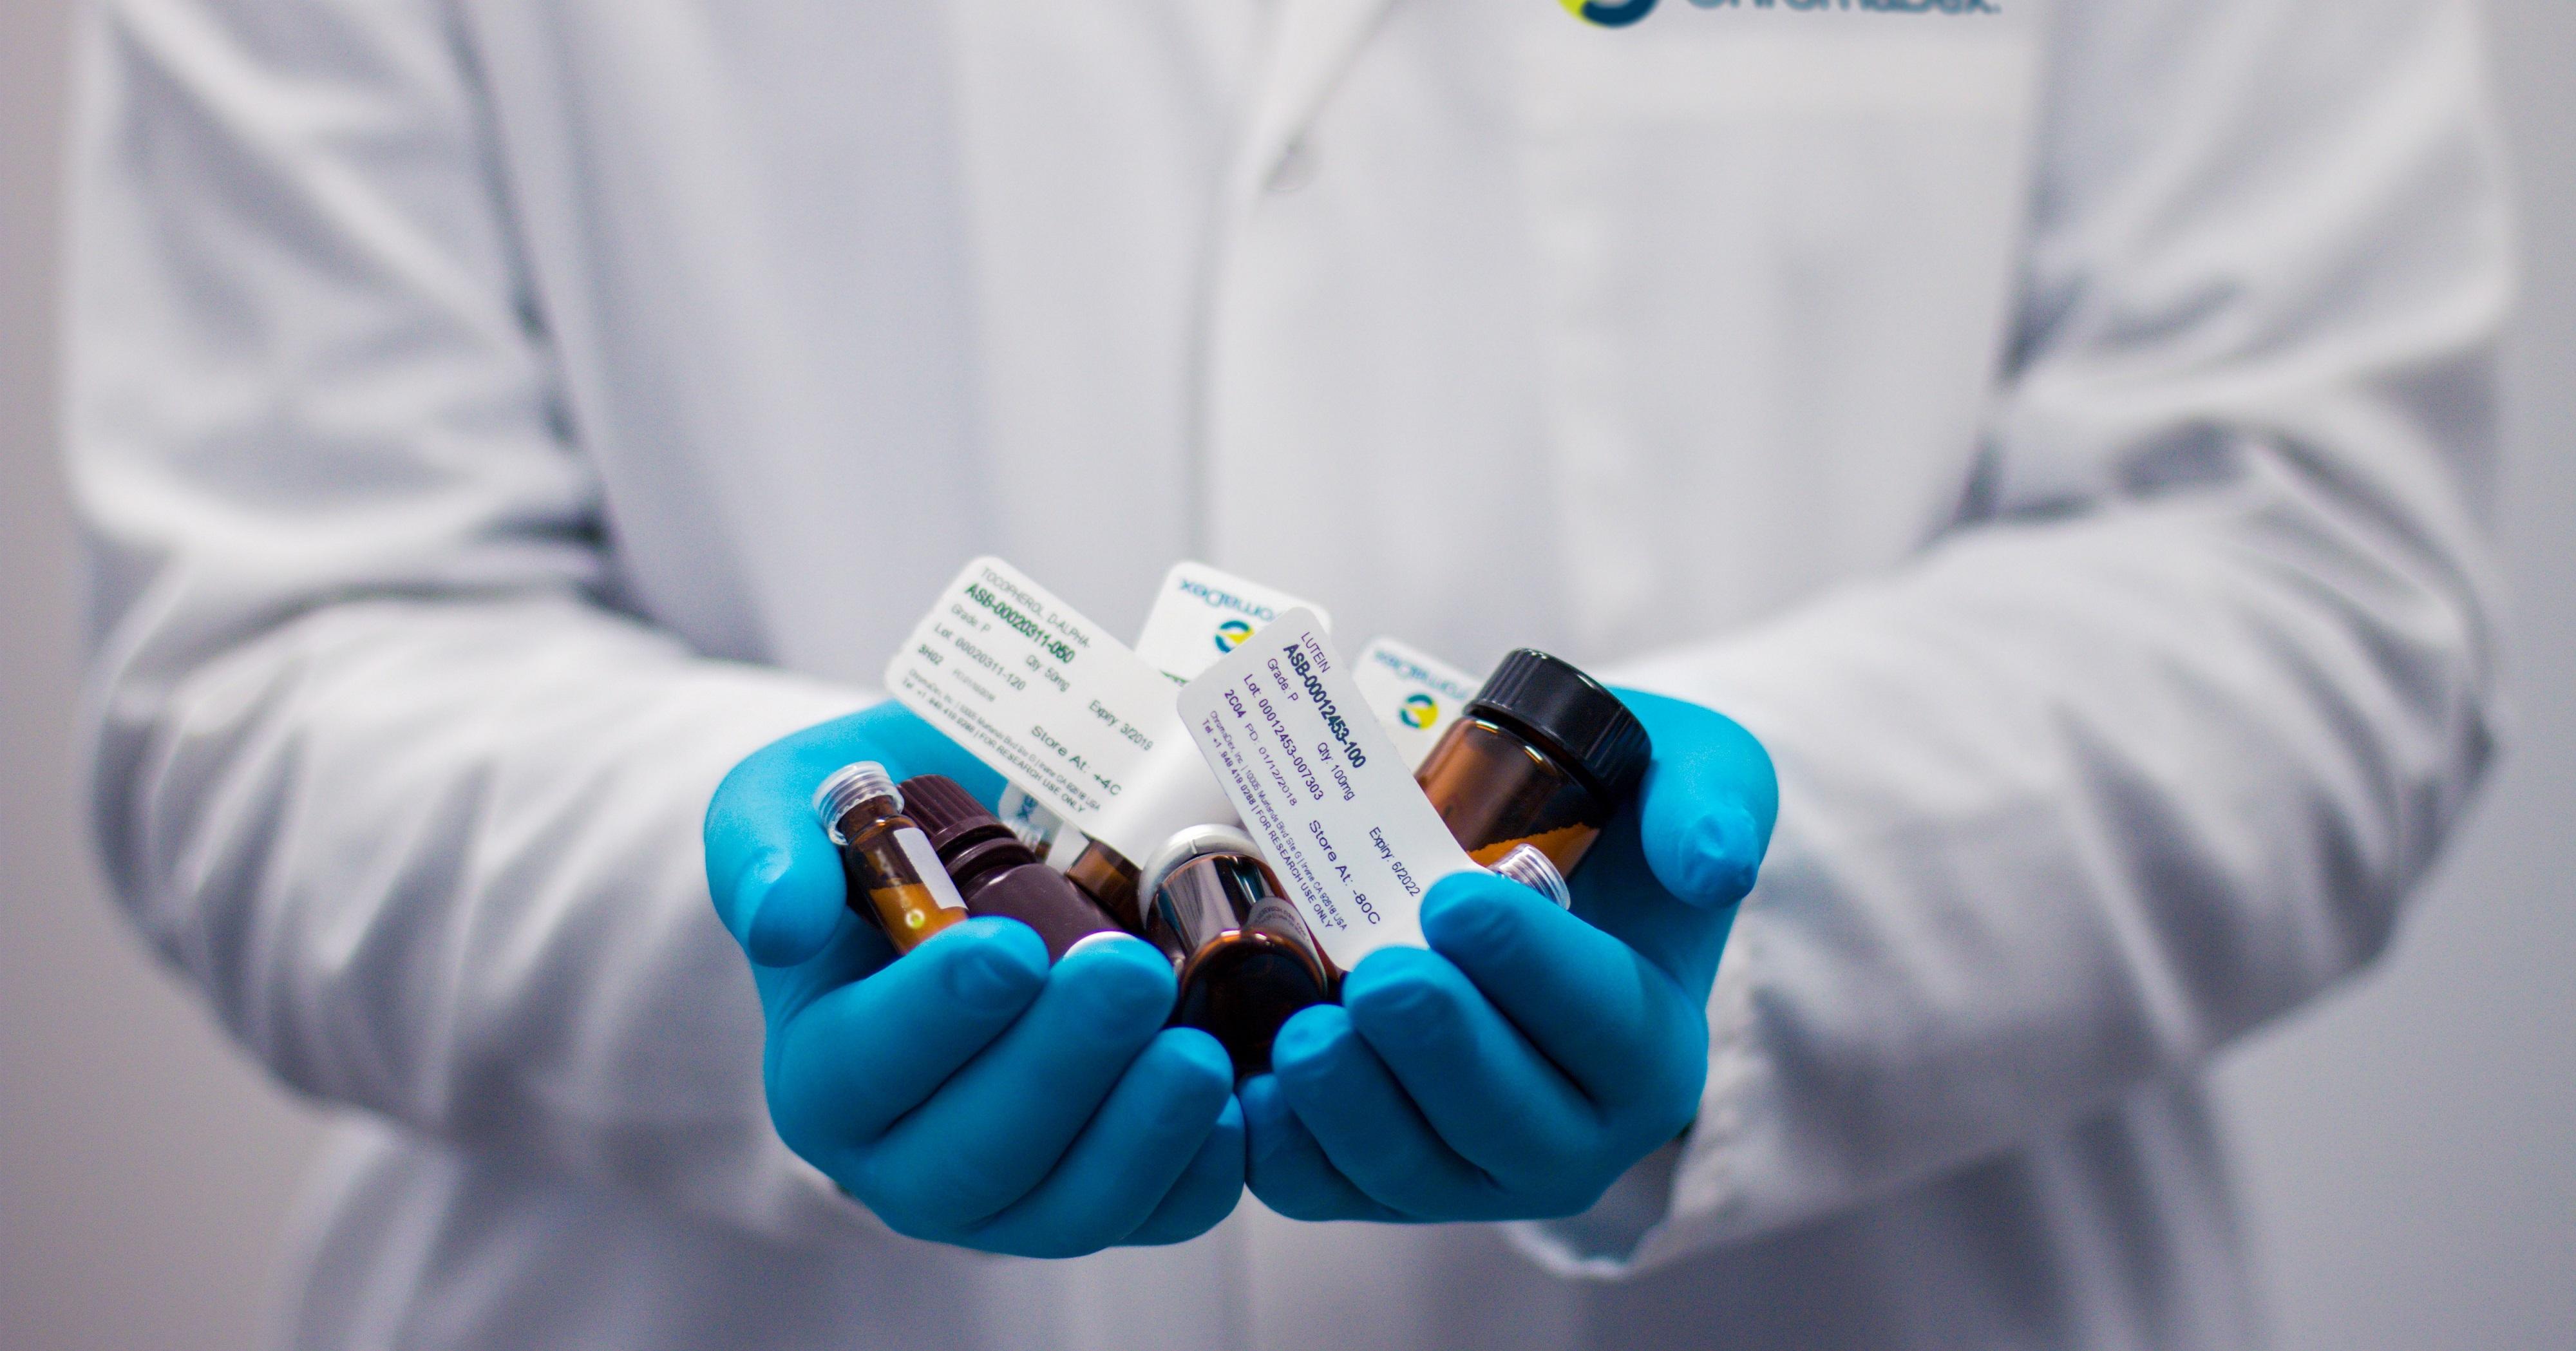 El vapeo duplica en efectividad a los productos  para dejar de fumar en el Reino Unido